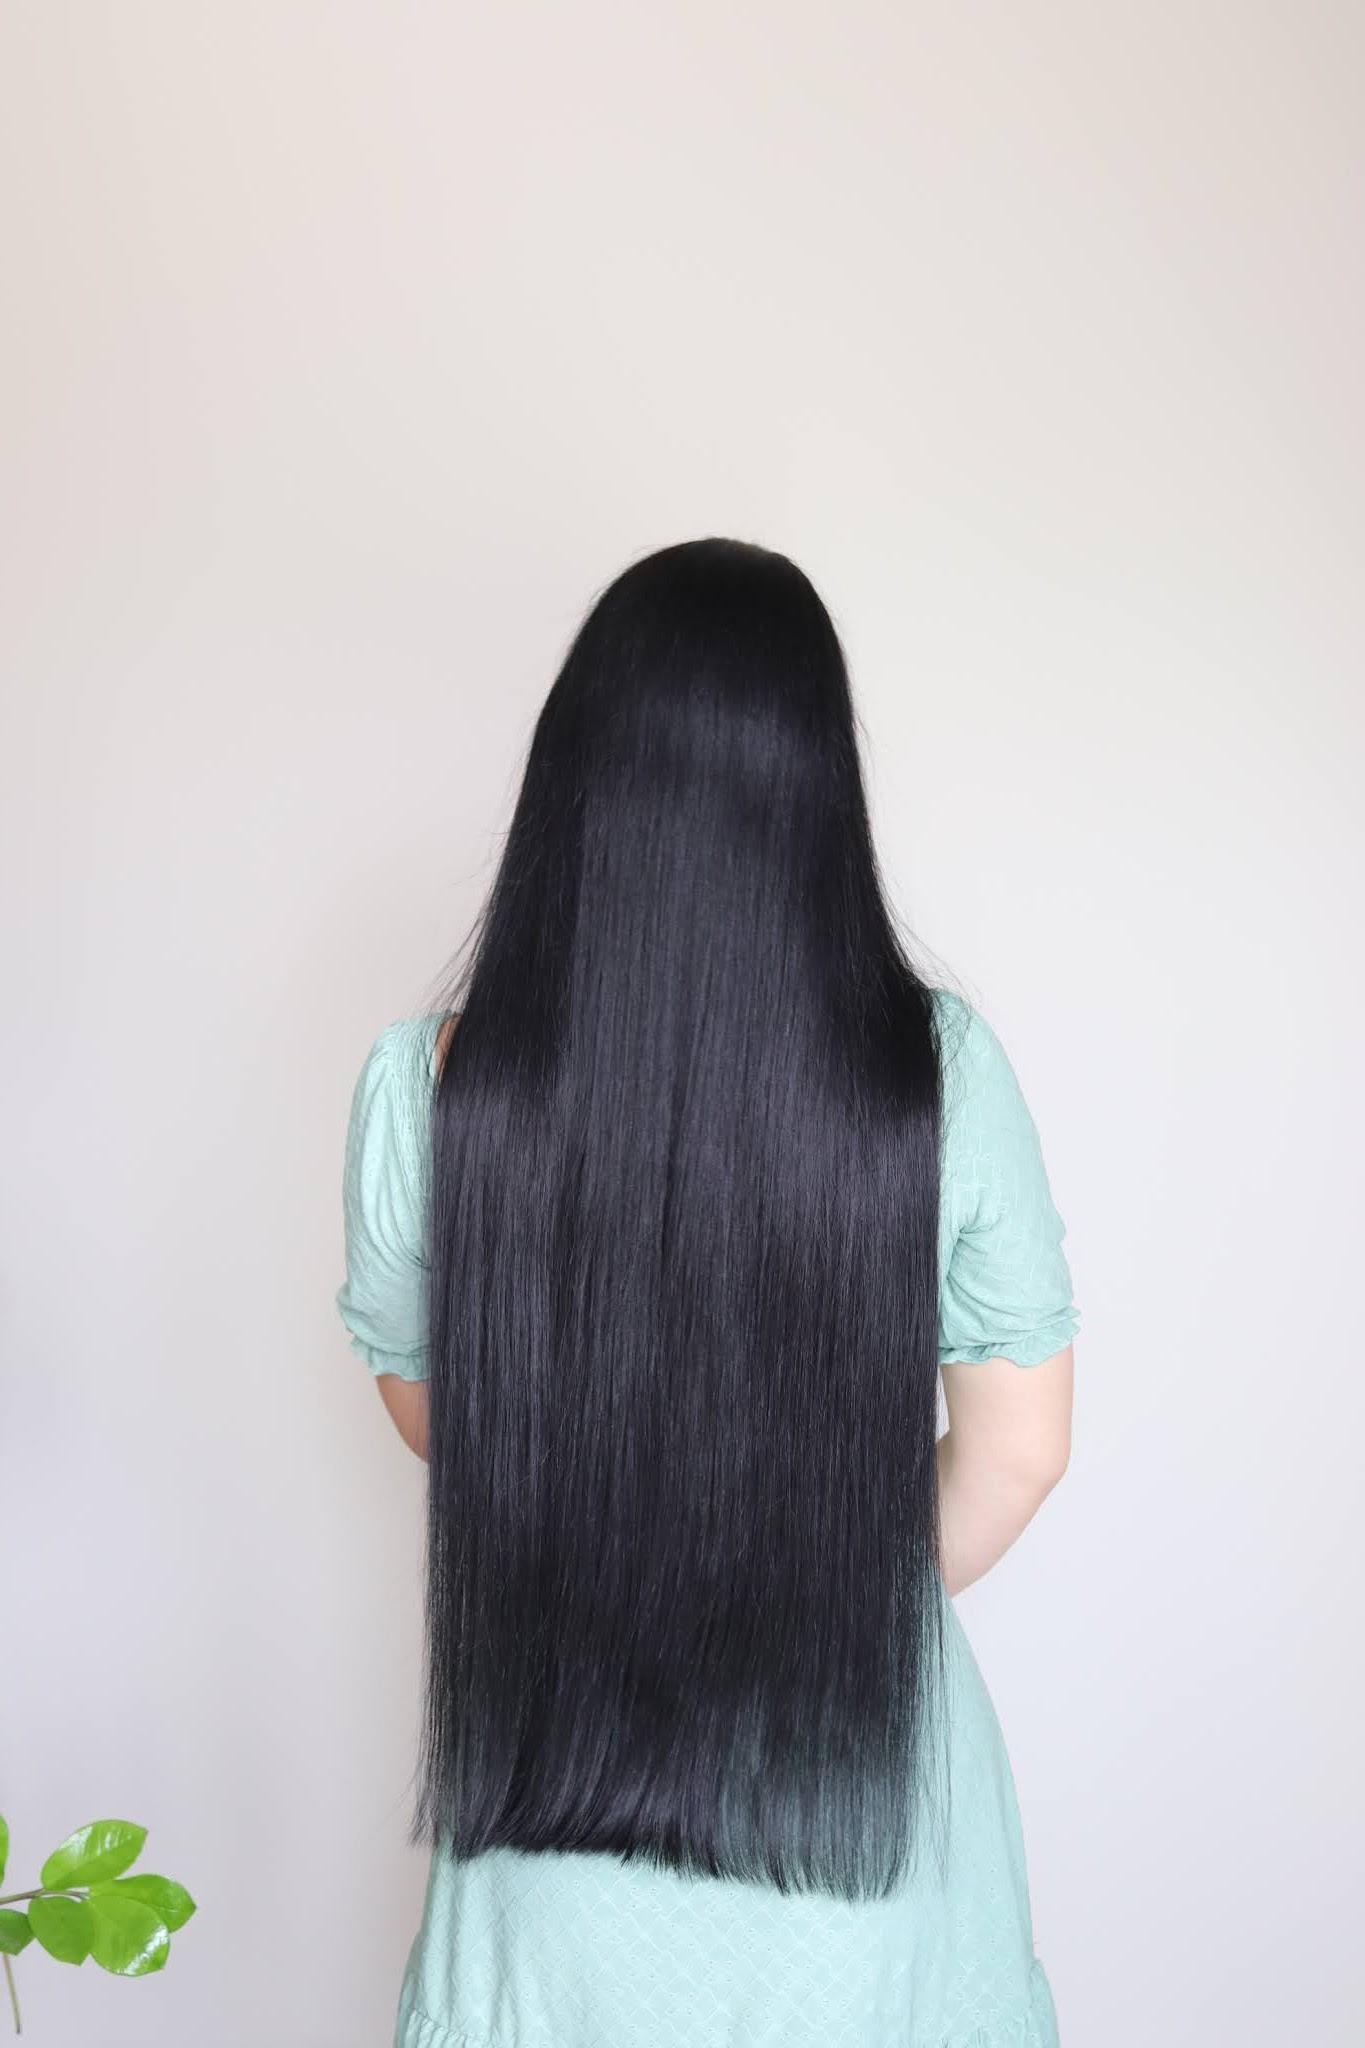 włosy przed podcięciem